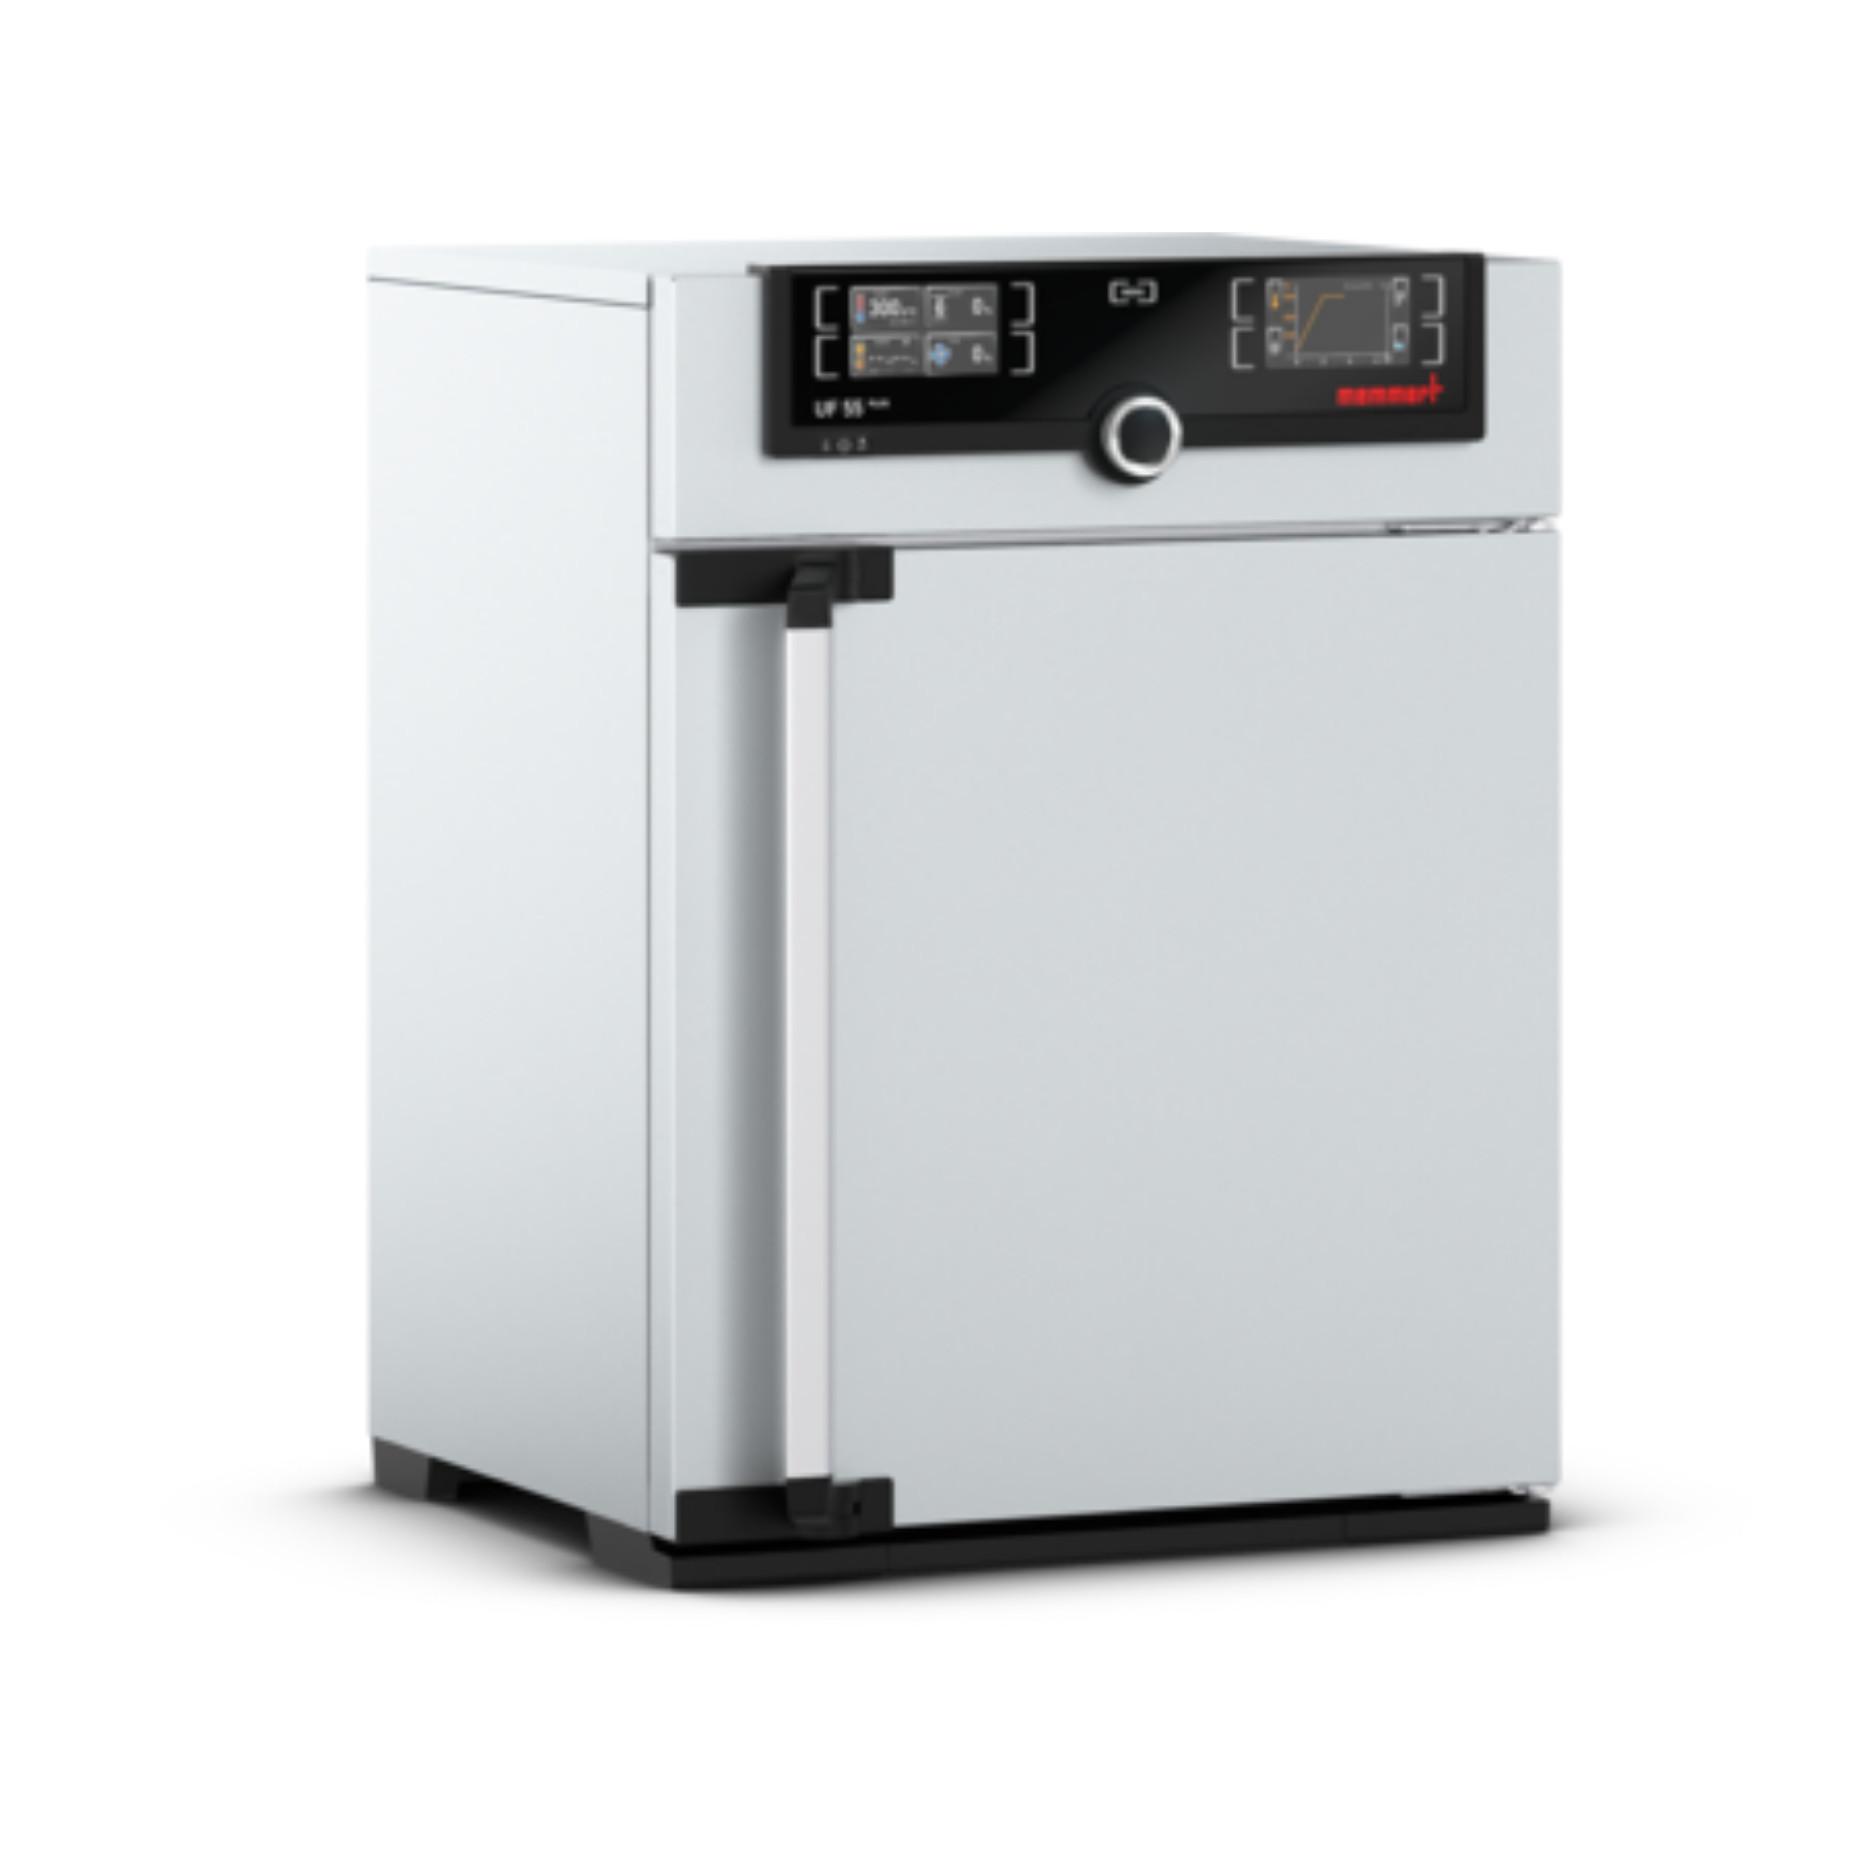 Memmert Universal Oven UF55plus